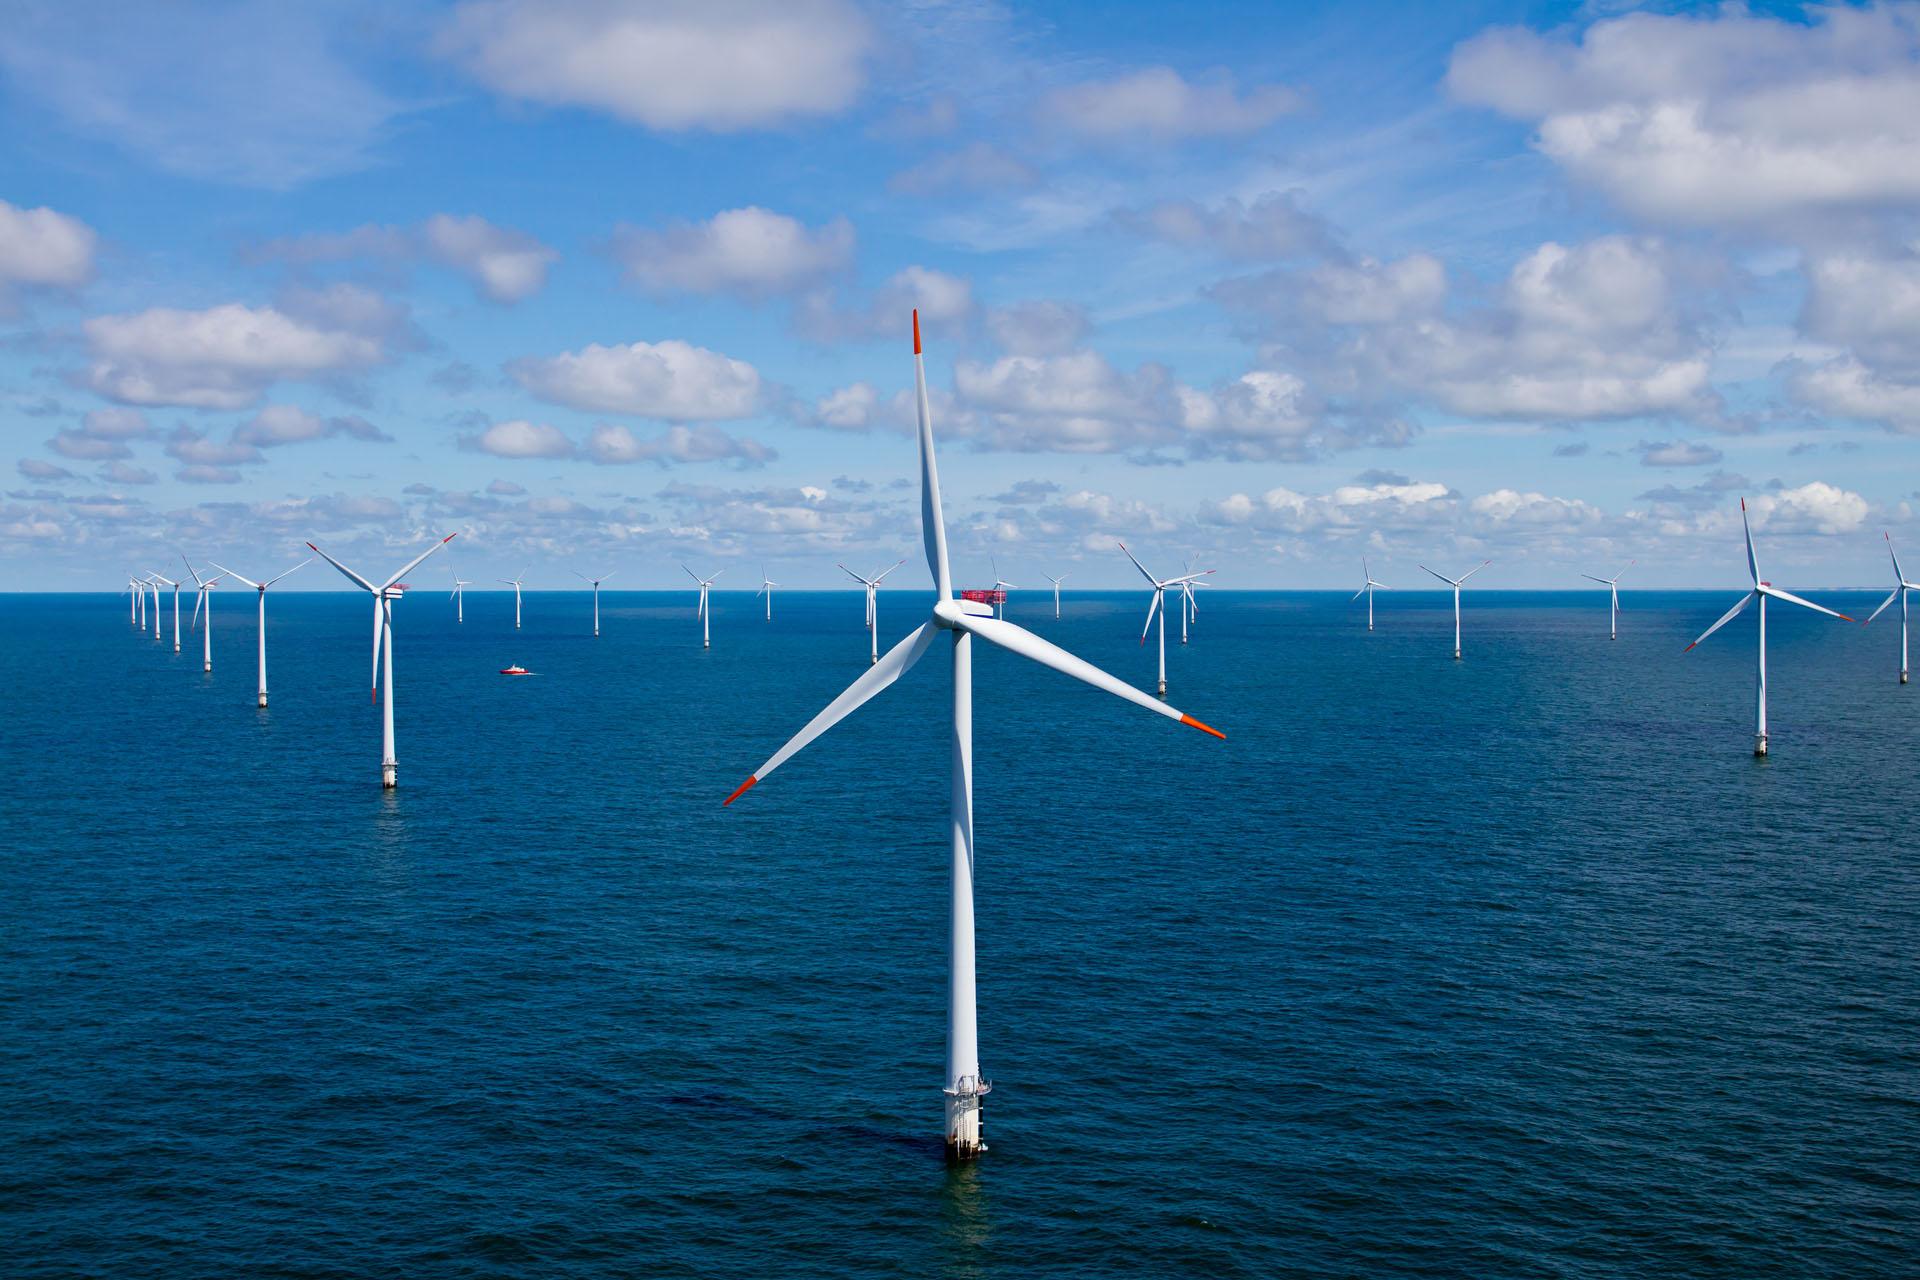 offshore wind turbine windmill